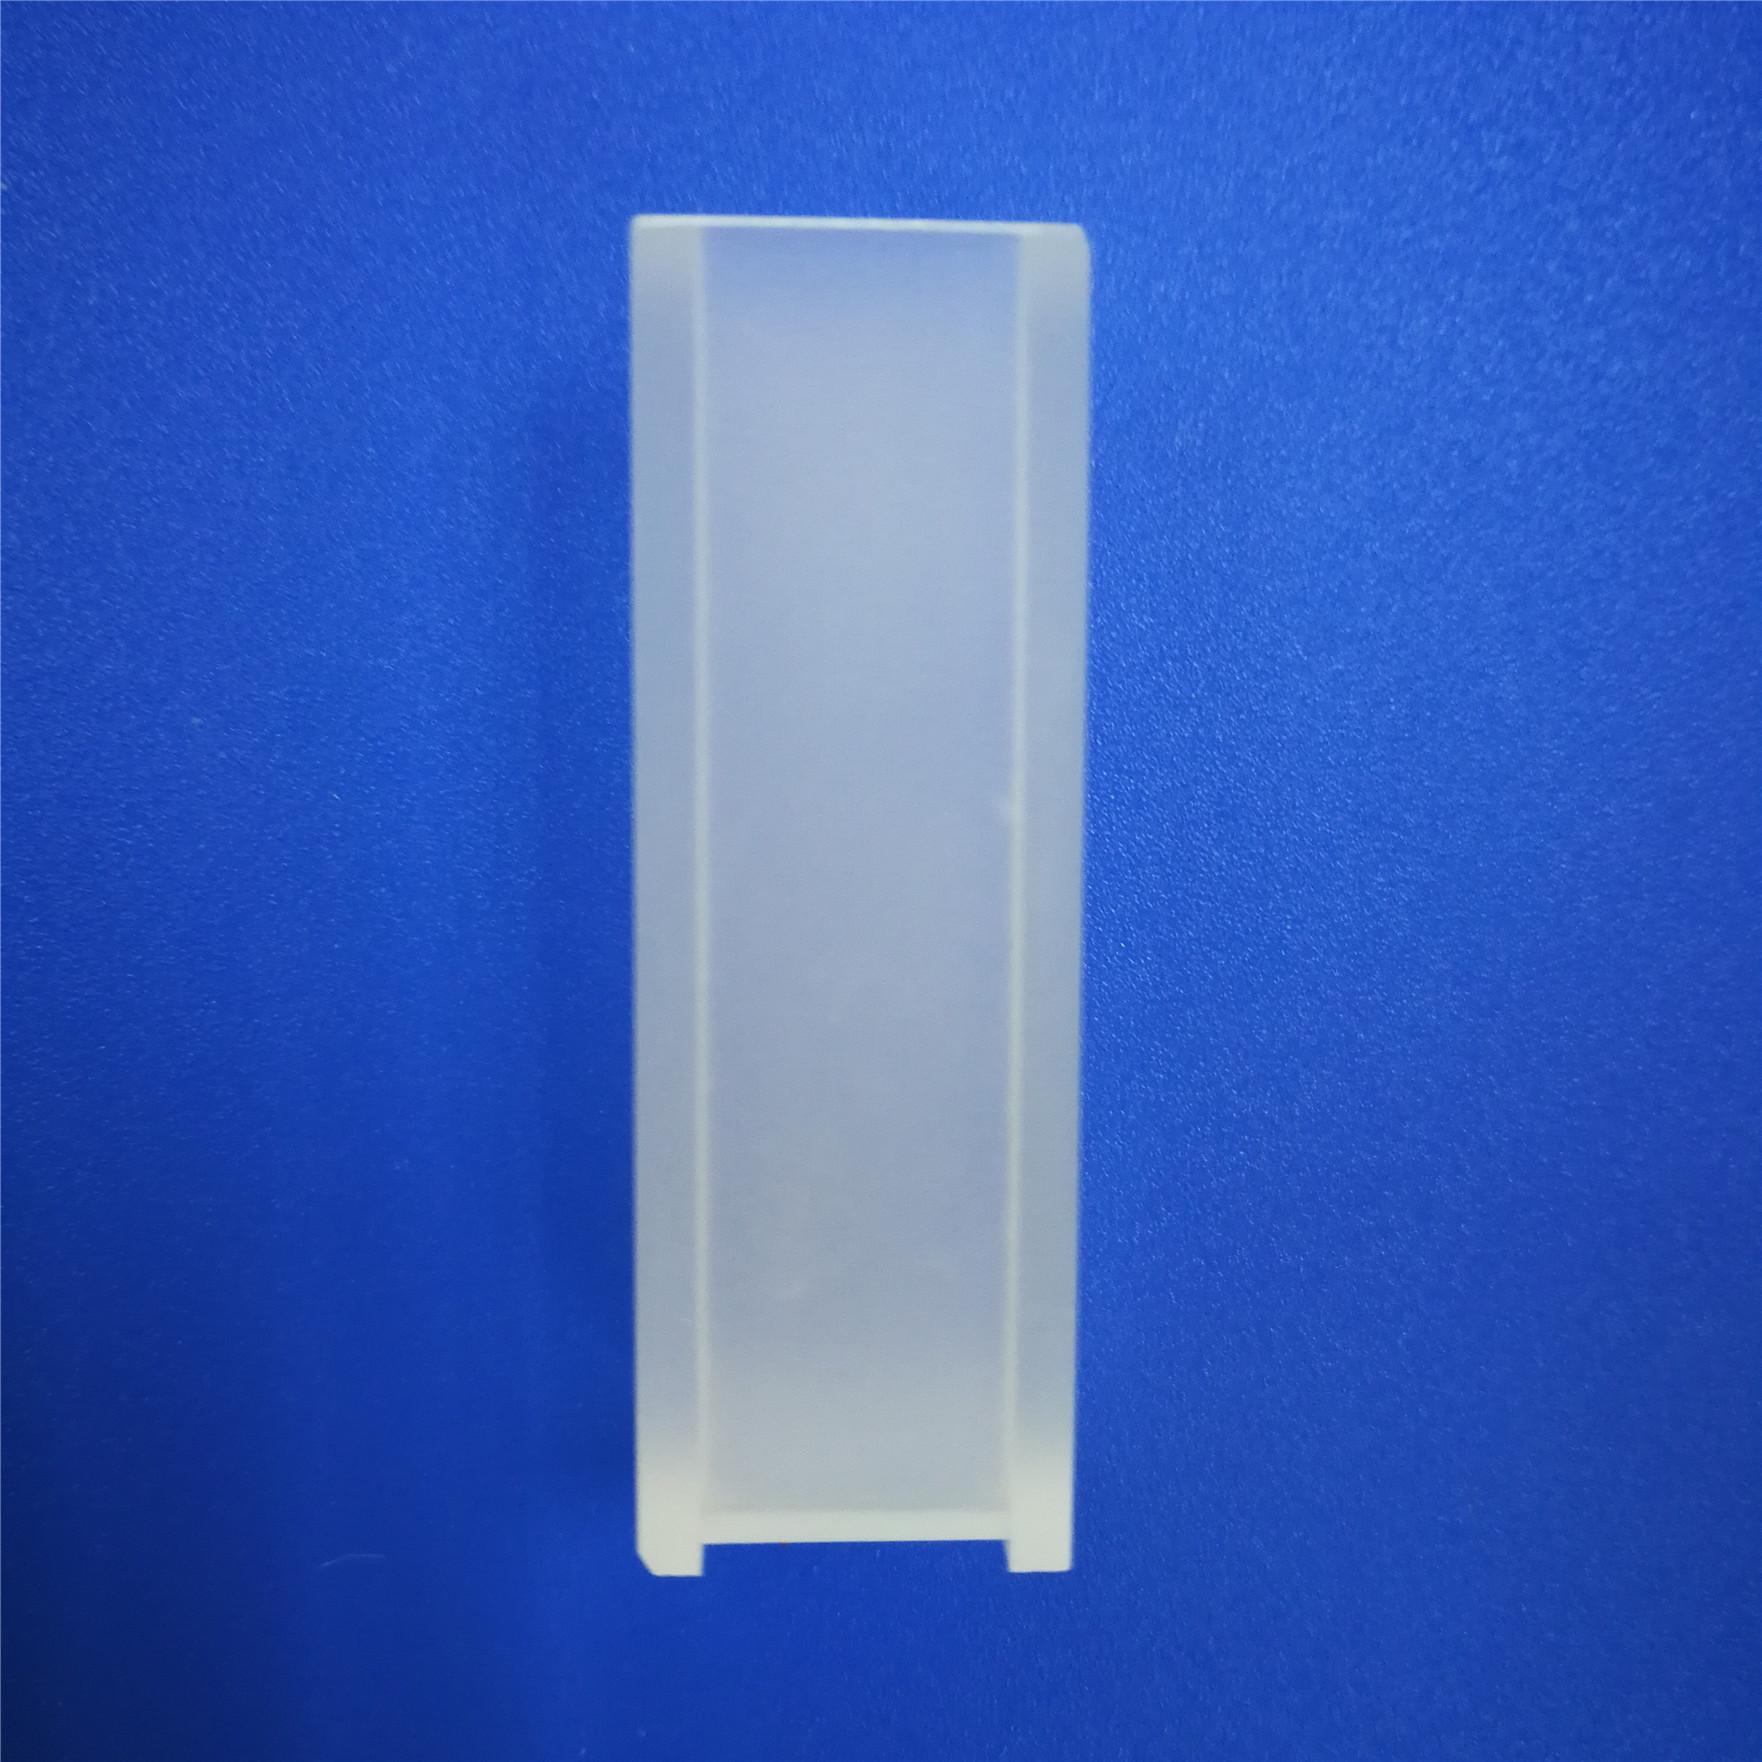 厂家直销上海雷磁COD-571测定仪专用比色皿实验室721型玻璃比色皿